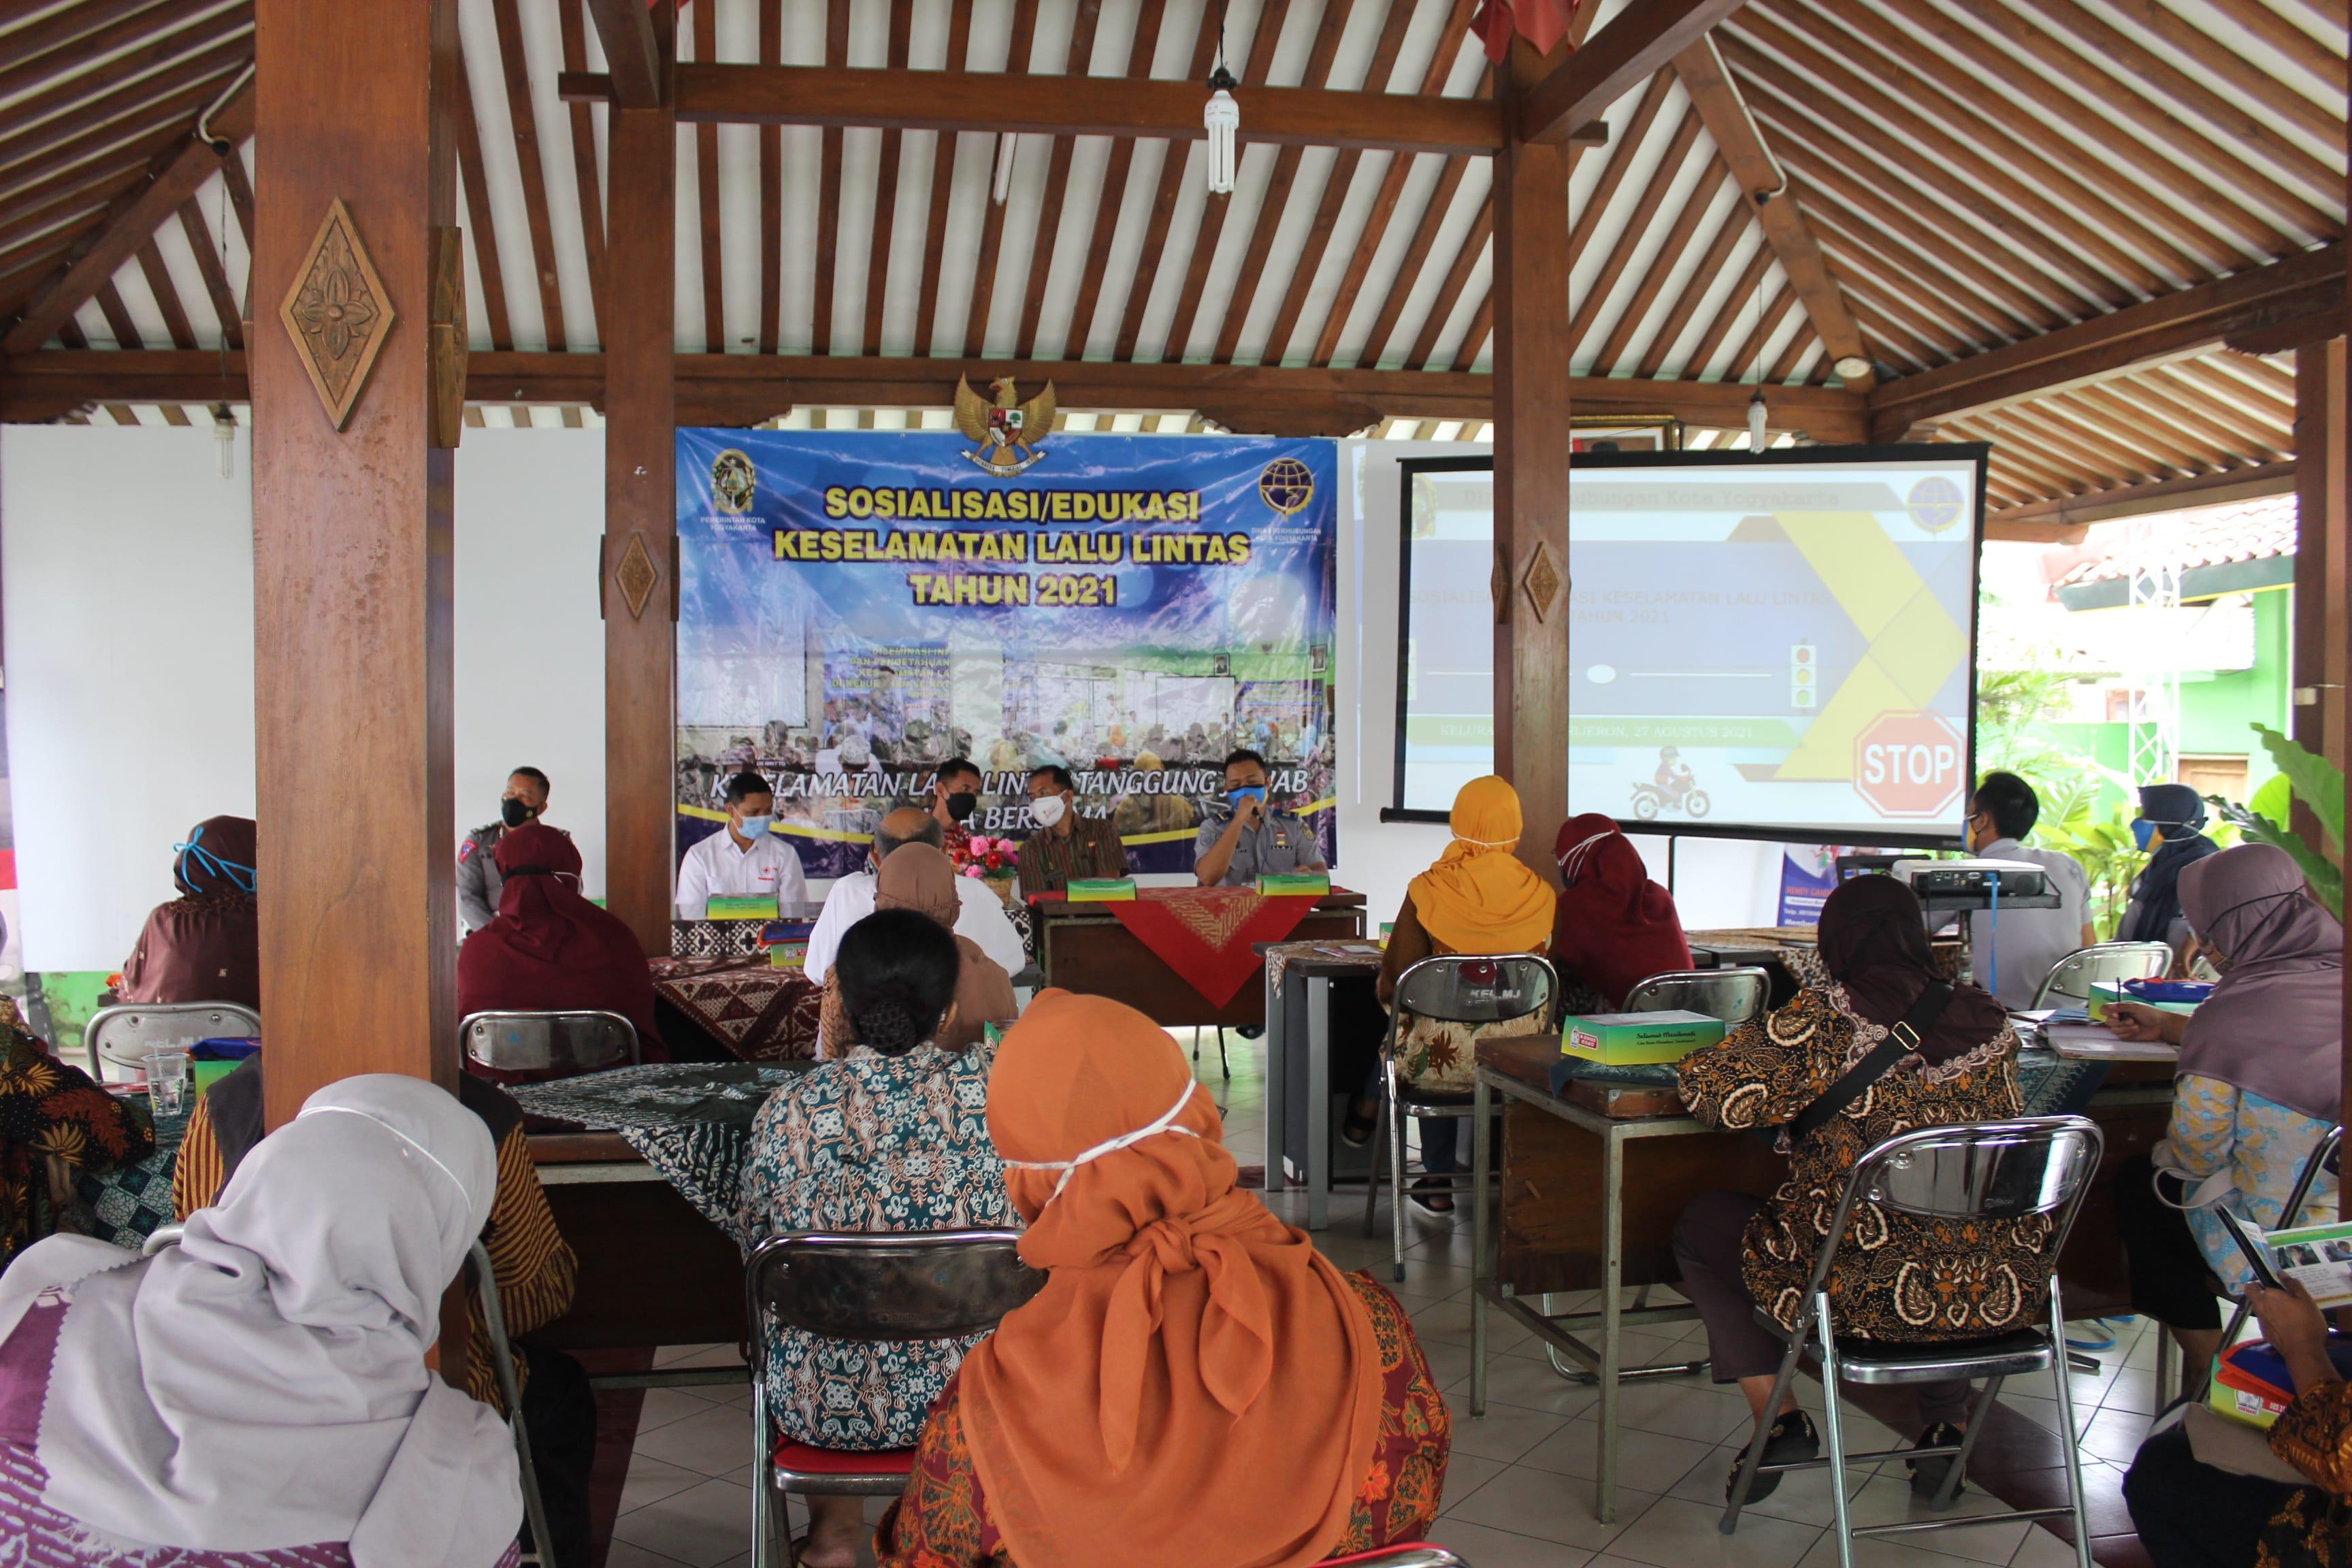 Sosialisasi/Edukasi Keselamatan Lalu Lintas di Kelurahan Kota Yogyakarta